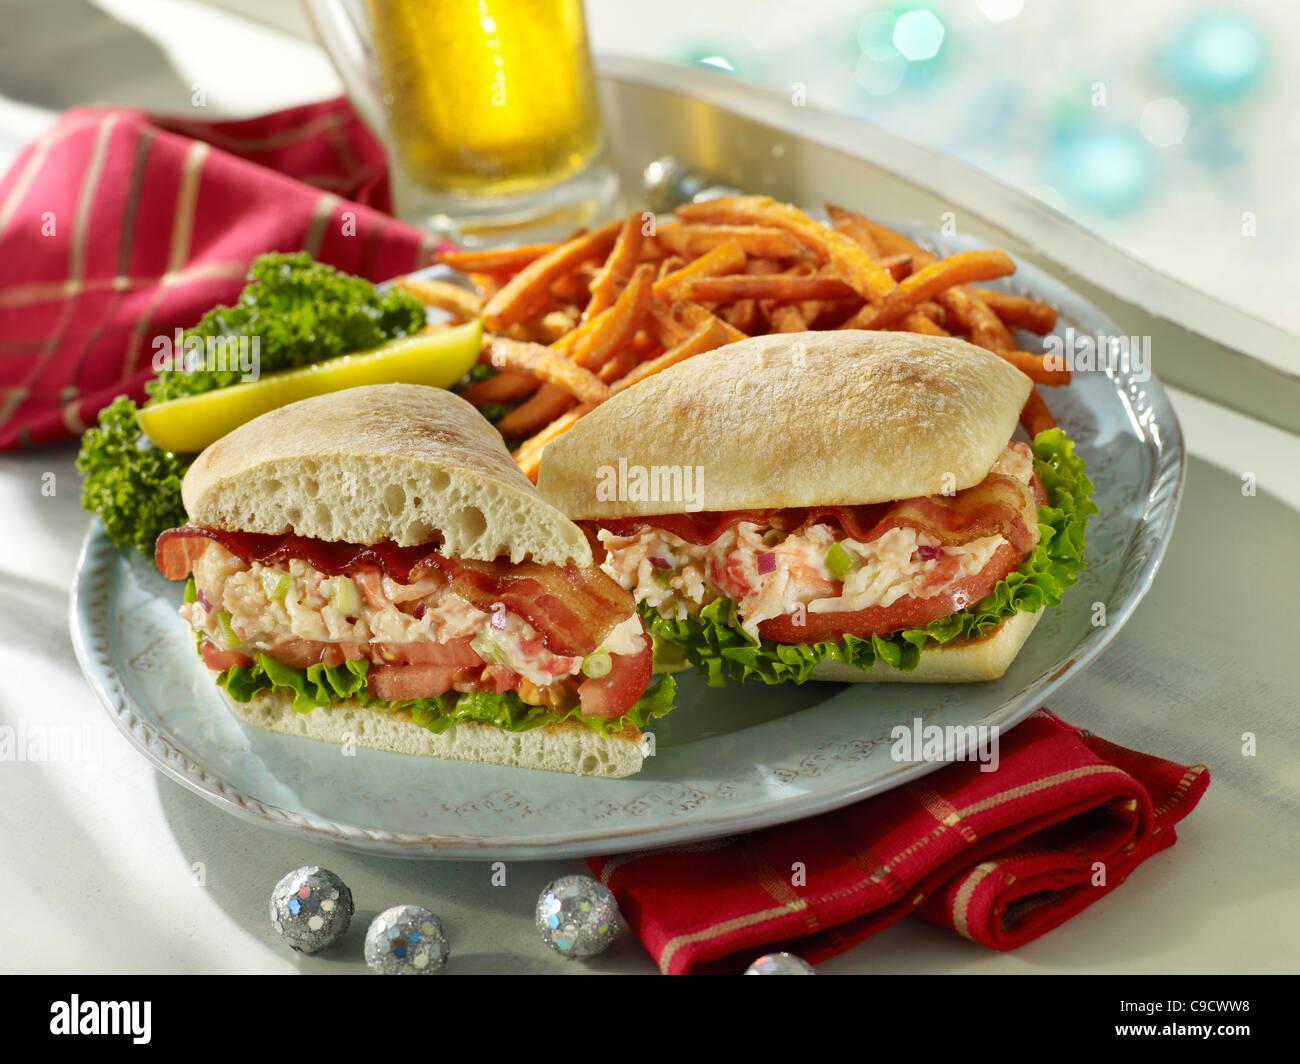 Ein Gourmet-Handwerker-Hummer-Club-Sandwich mit Speck, Salat und Tomaten serviert mit Pommes Frites und ein Bier Stockbild